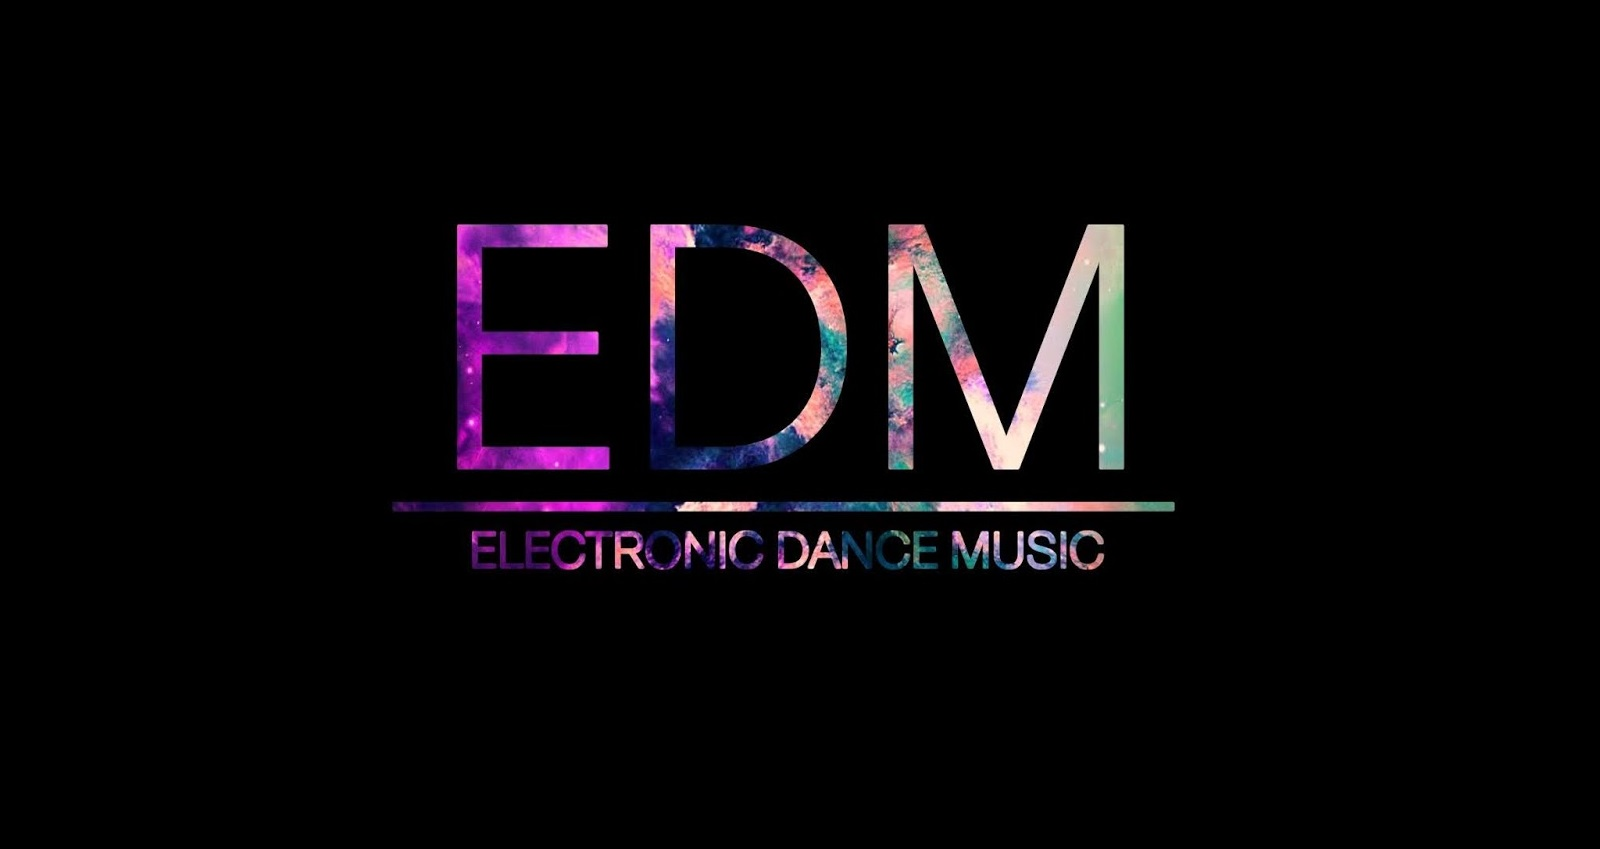 Khóa Học Nhạc điện tử - Học làm nhạc EDM cho người mới bắt đầu